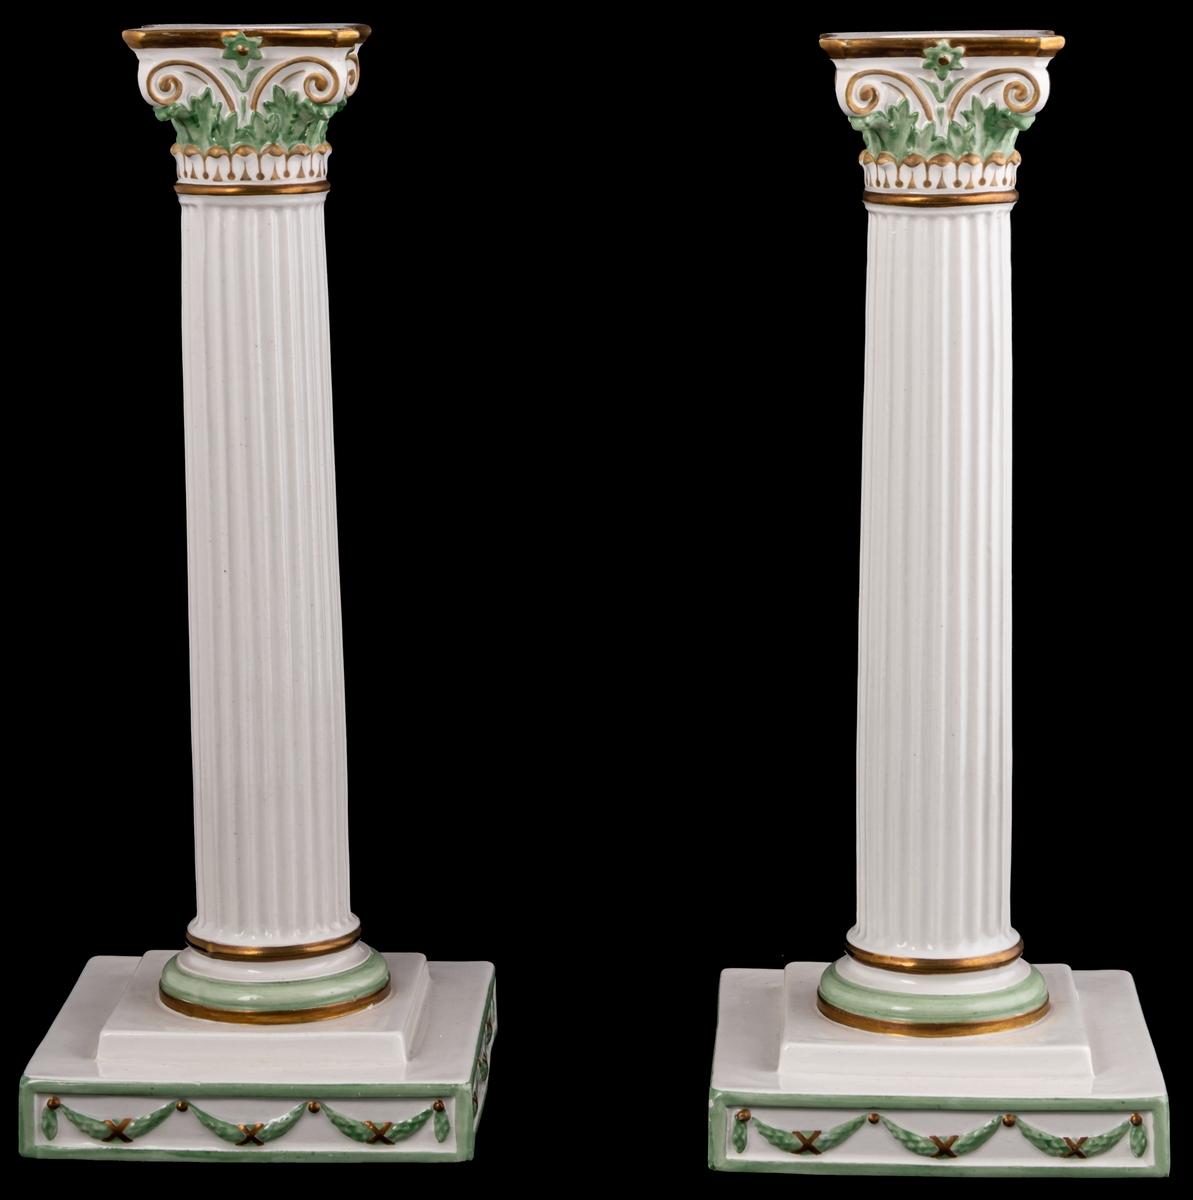 Kolonnformad ljusstake av flintgods, vit med dekor i guld och grönt.